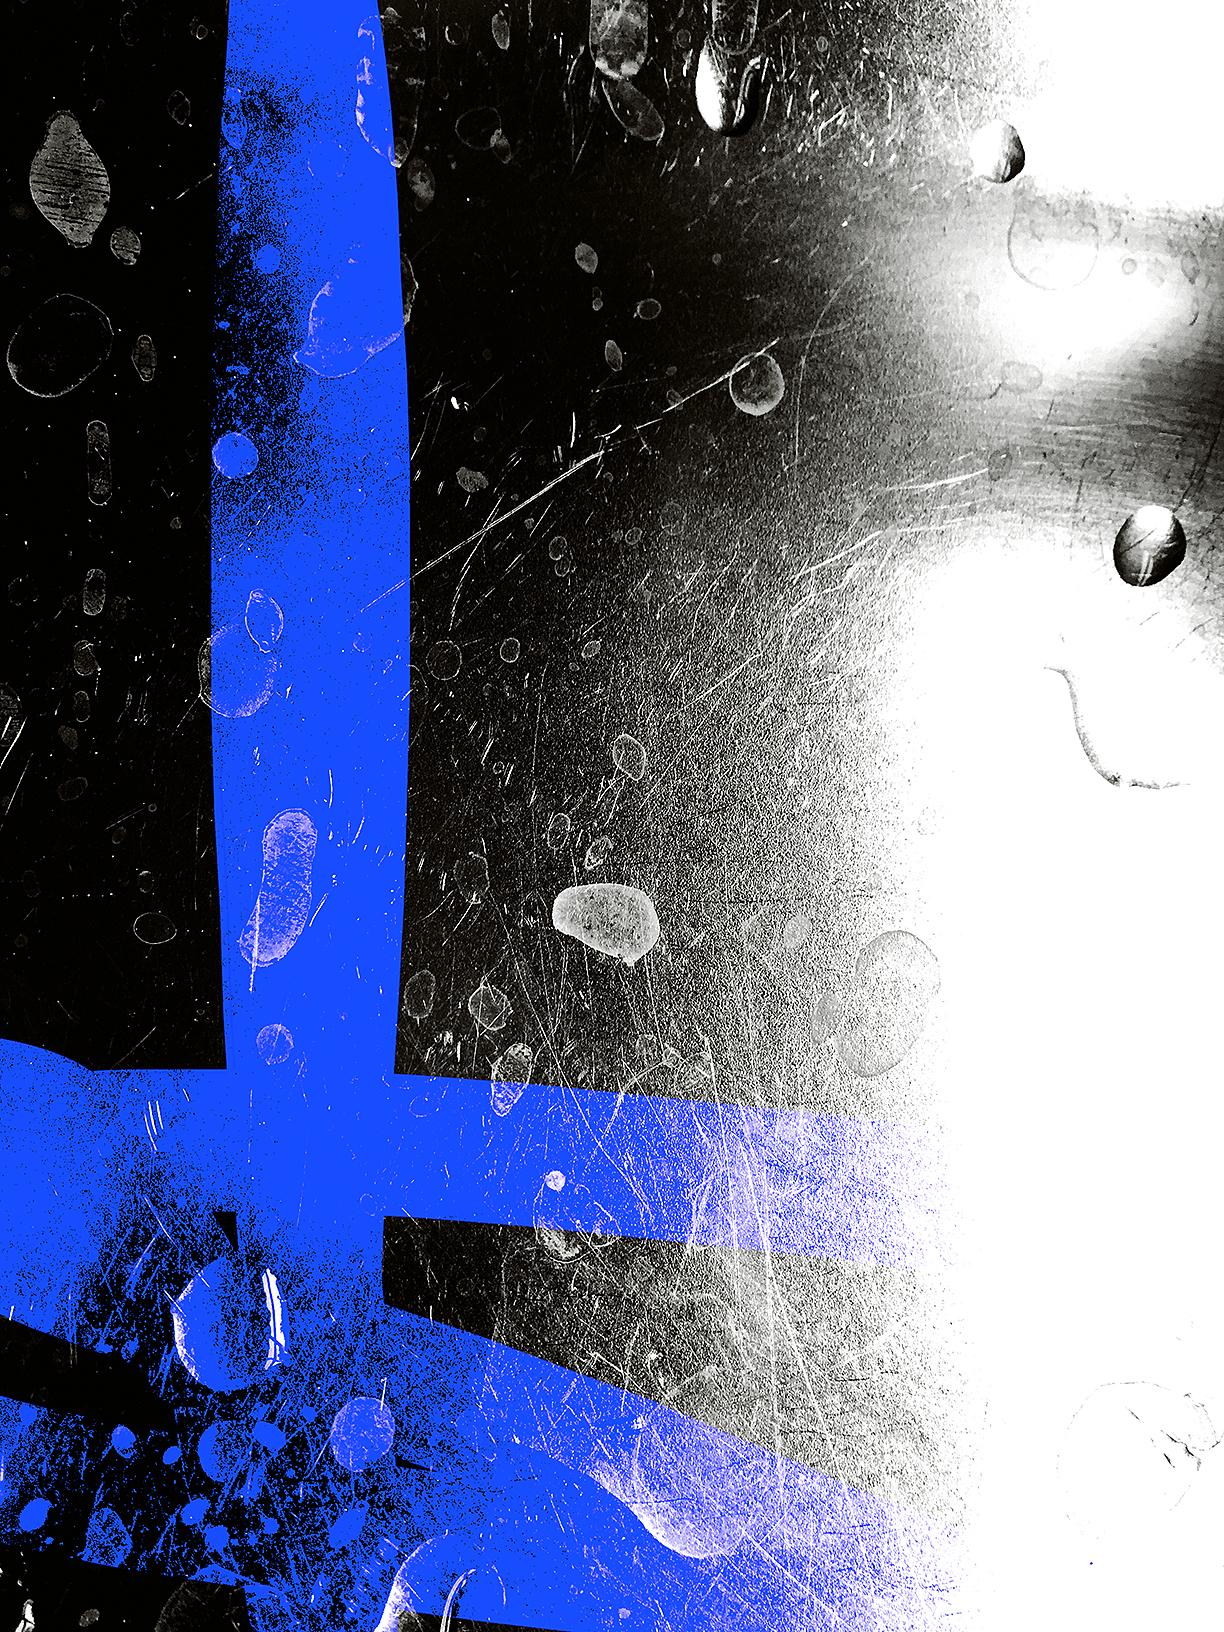 My Sink's Feeling Blue #2